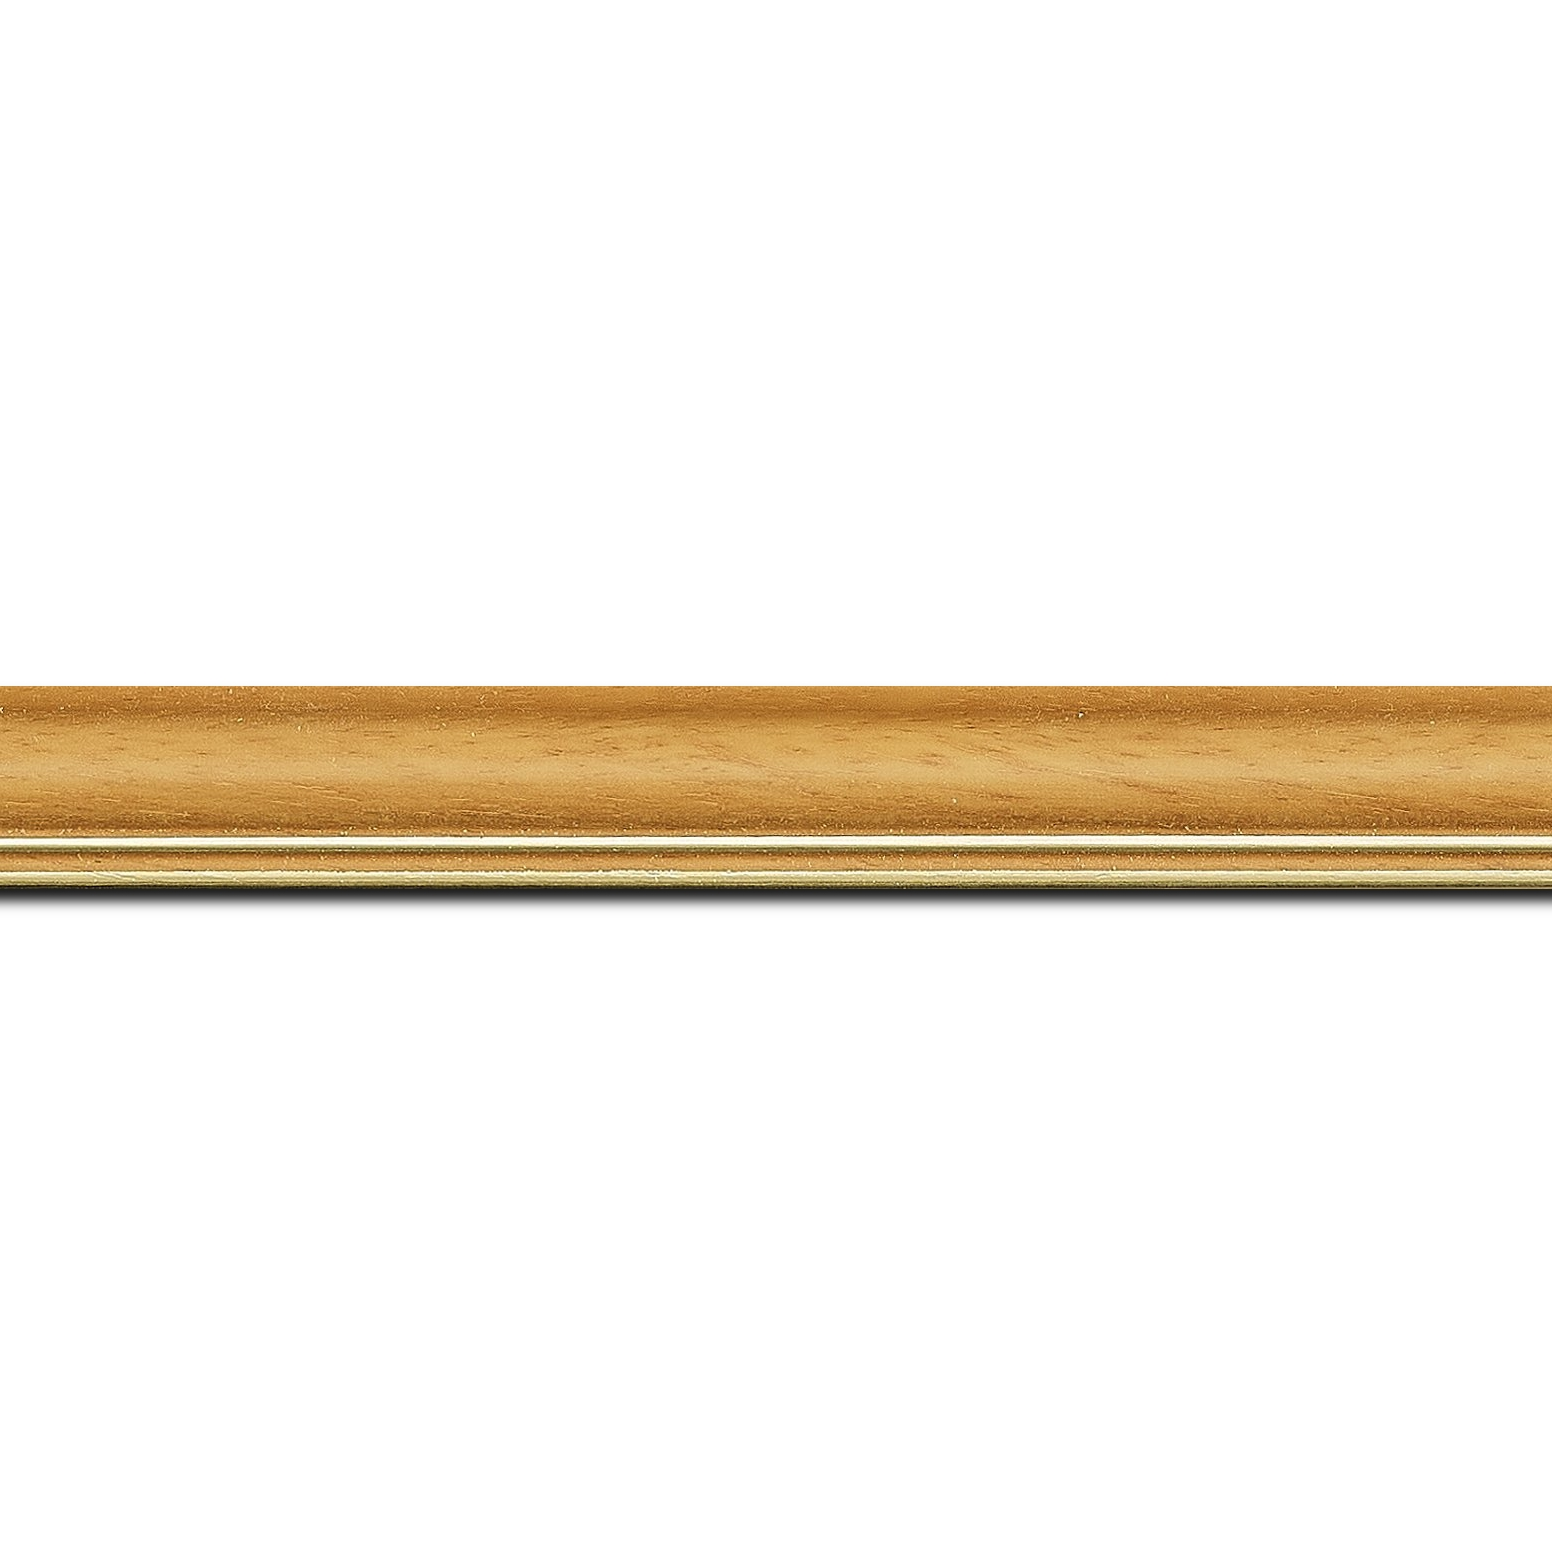 Baguette longueur 1.40m bois profil doucine inversée largeur 2.3cm jaune tournesol satiné double filet or